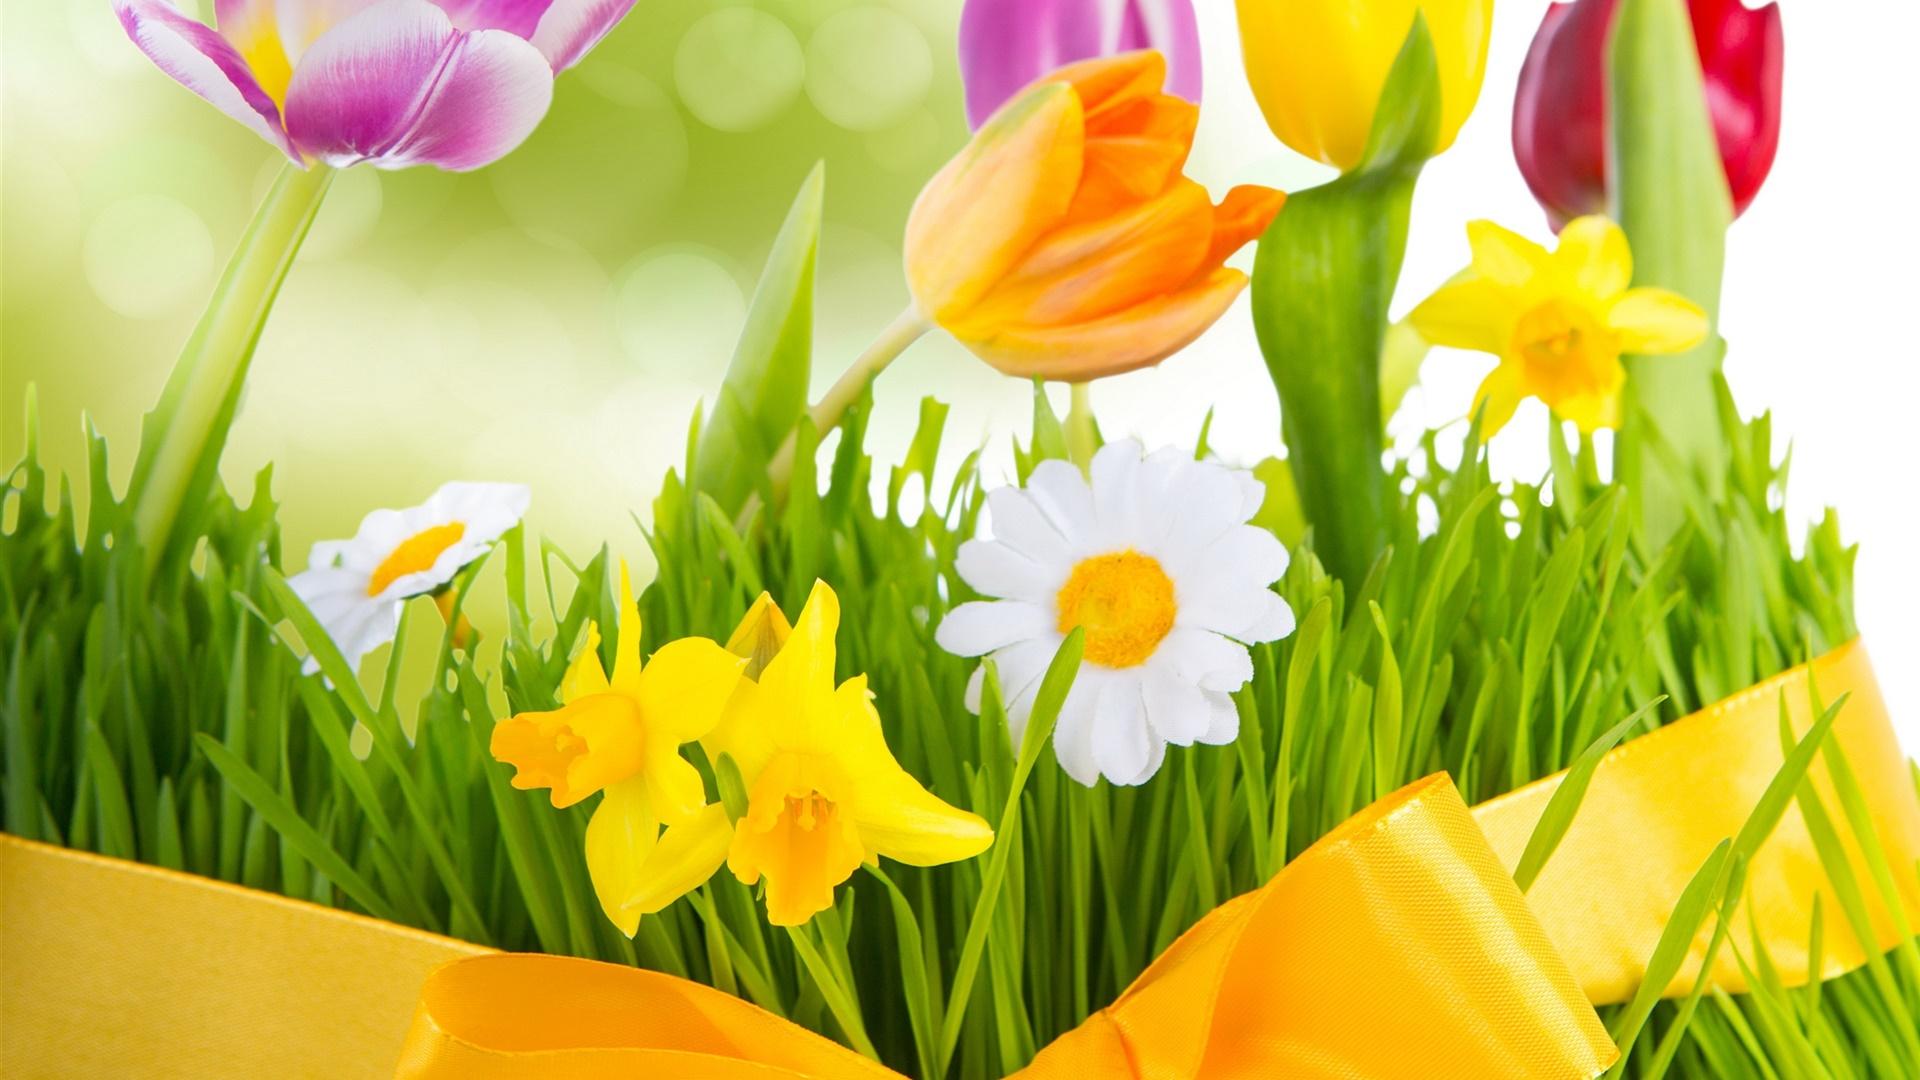 Printemps, les fleurs colorées, tulipes Fonds d'écran | 1920x1080 Fond d'écran télécharger | FR ...